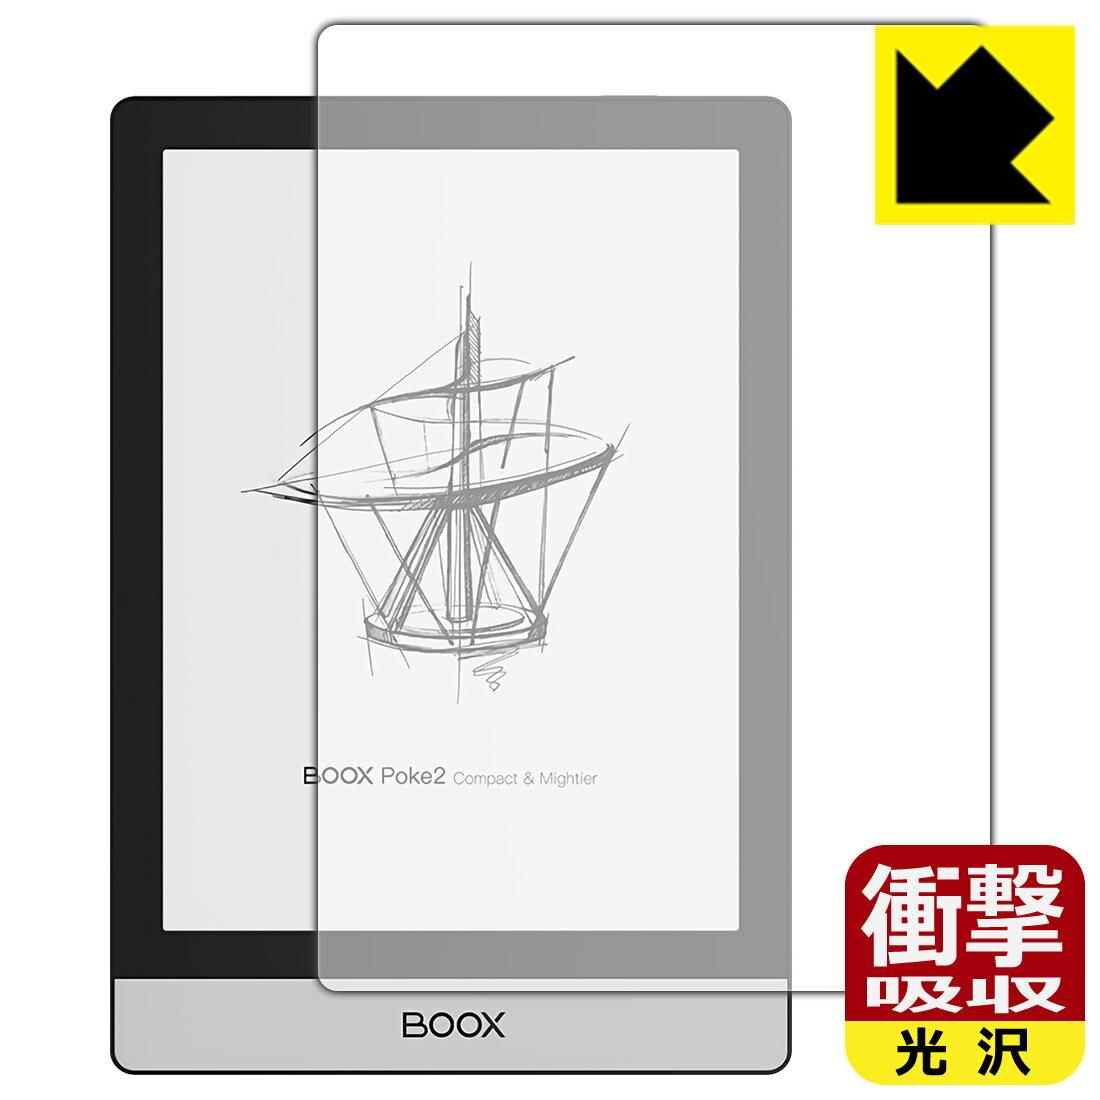 電子書籍リーダーアクセサリー, その他  Onyx BOOX Poke2 RCPsmtb-kd